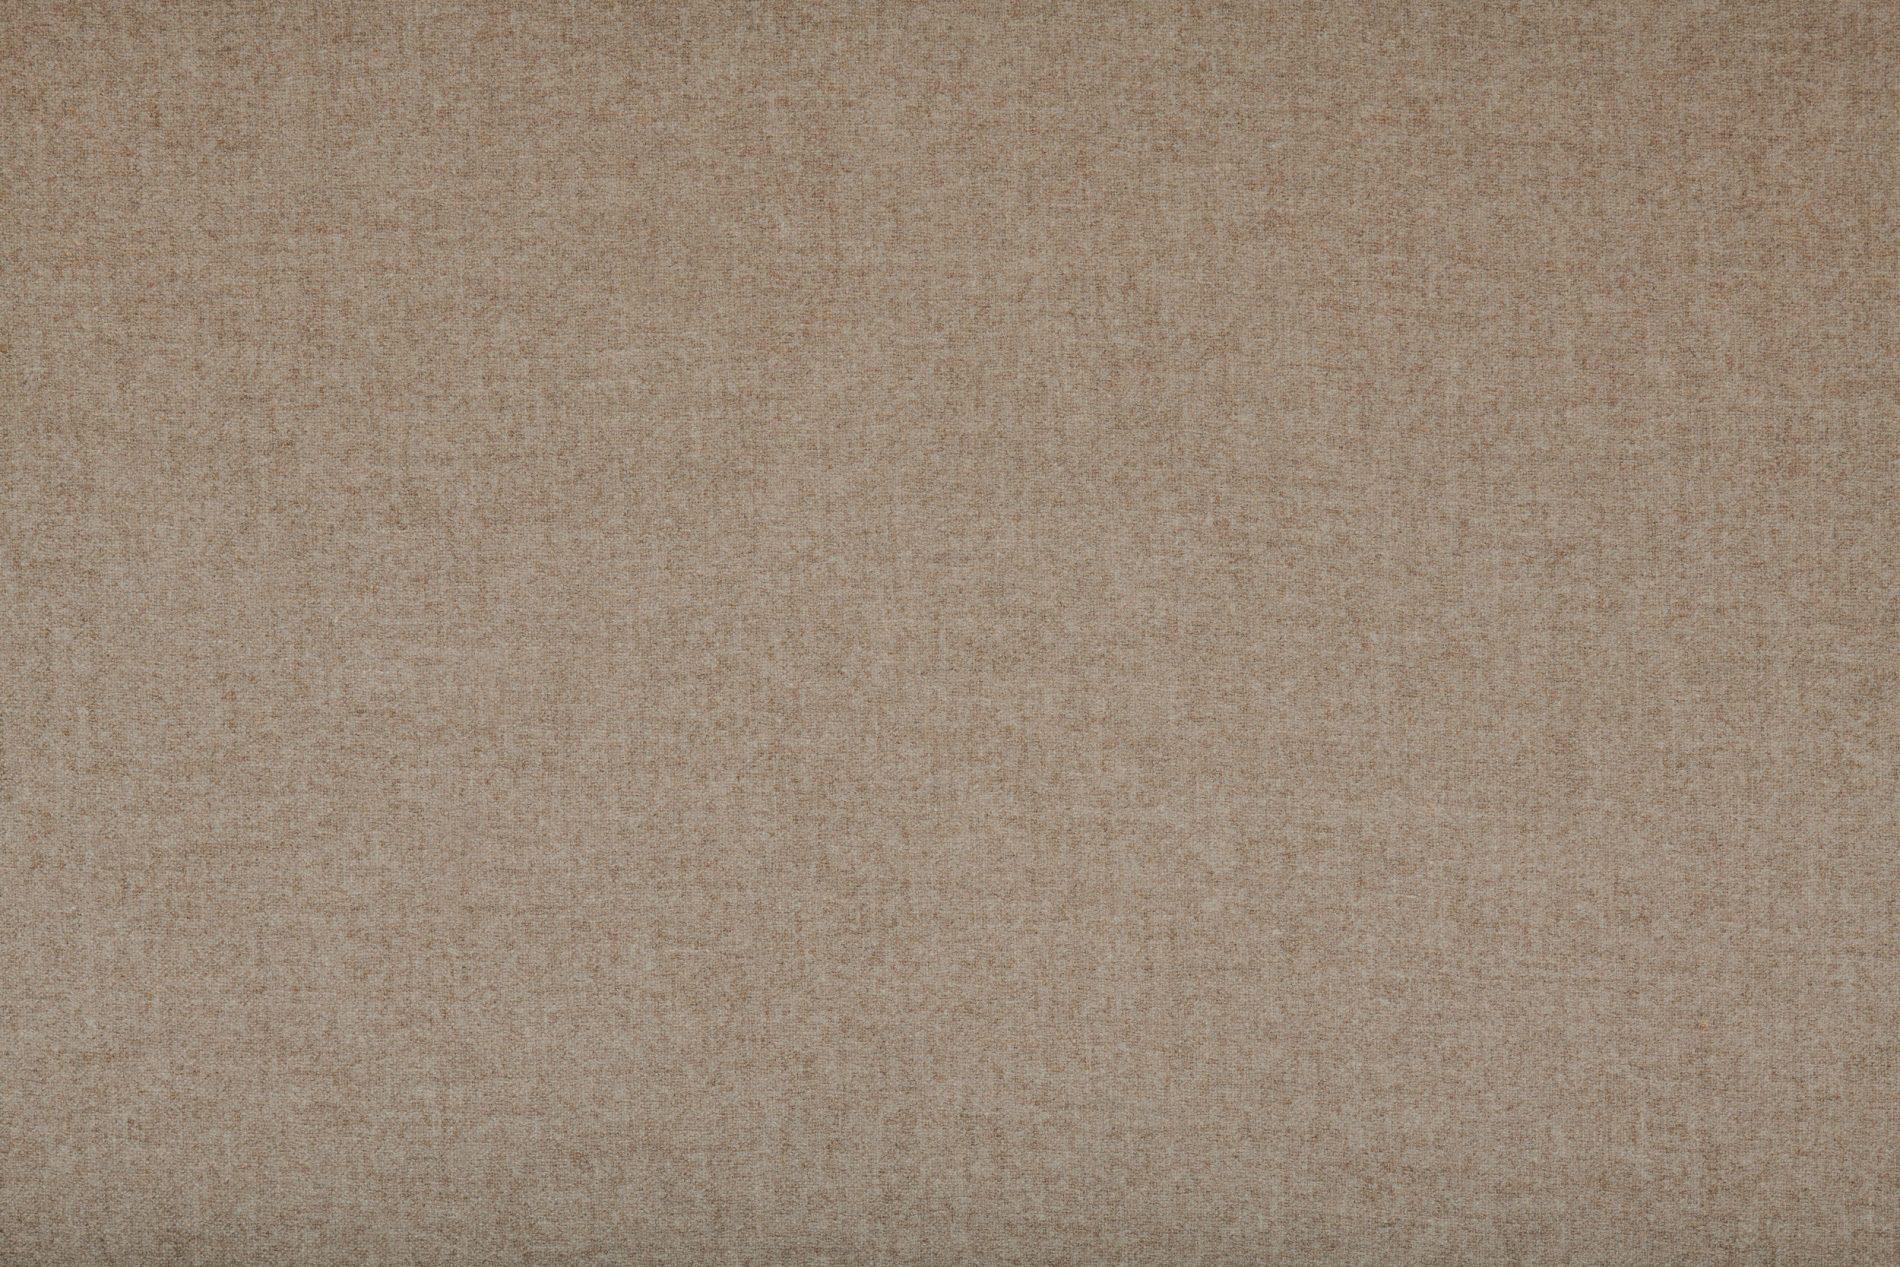 PURE 360 Plain Merino wool (19/5023)